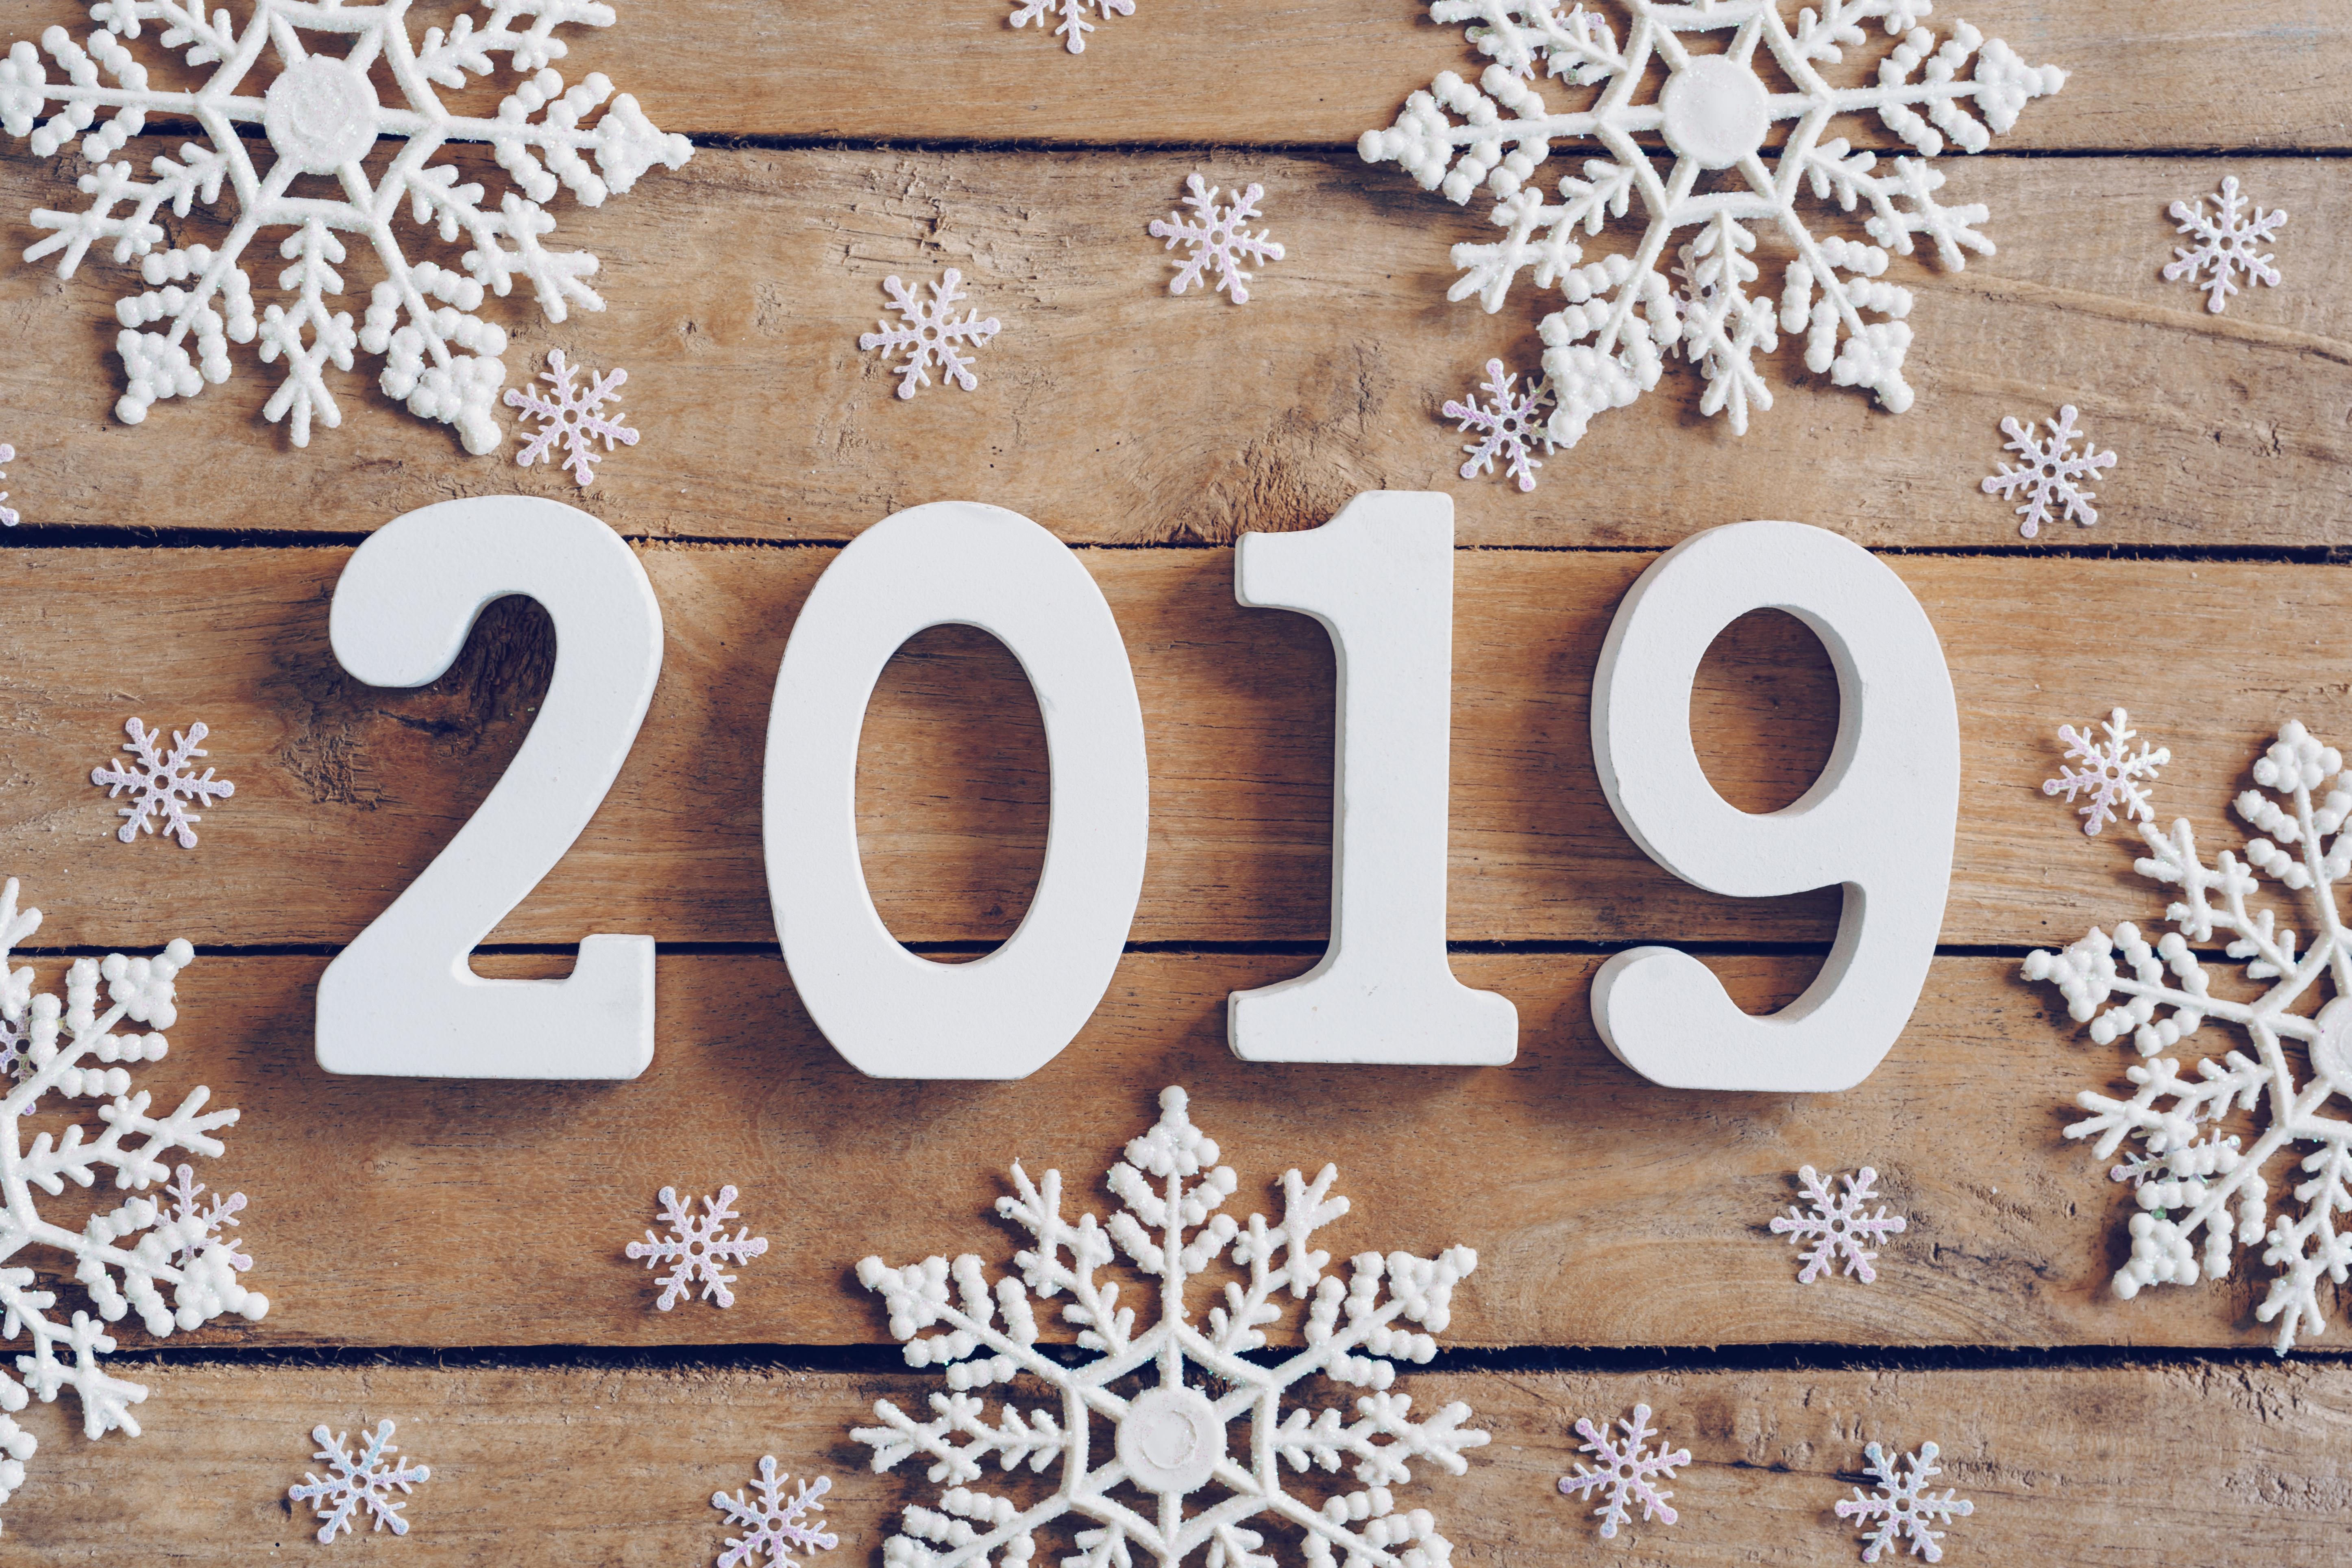 Зимняя картинка с надписью с новым годом 2019